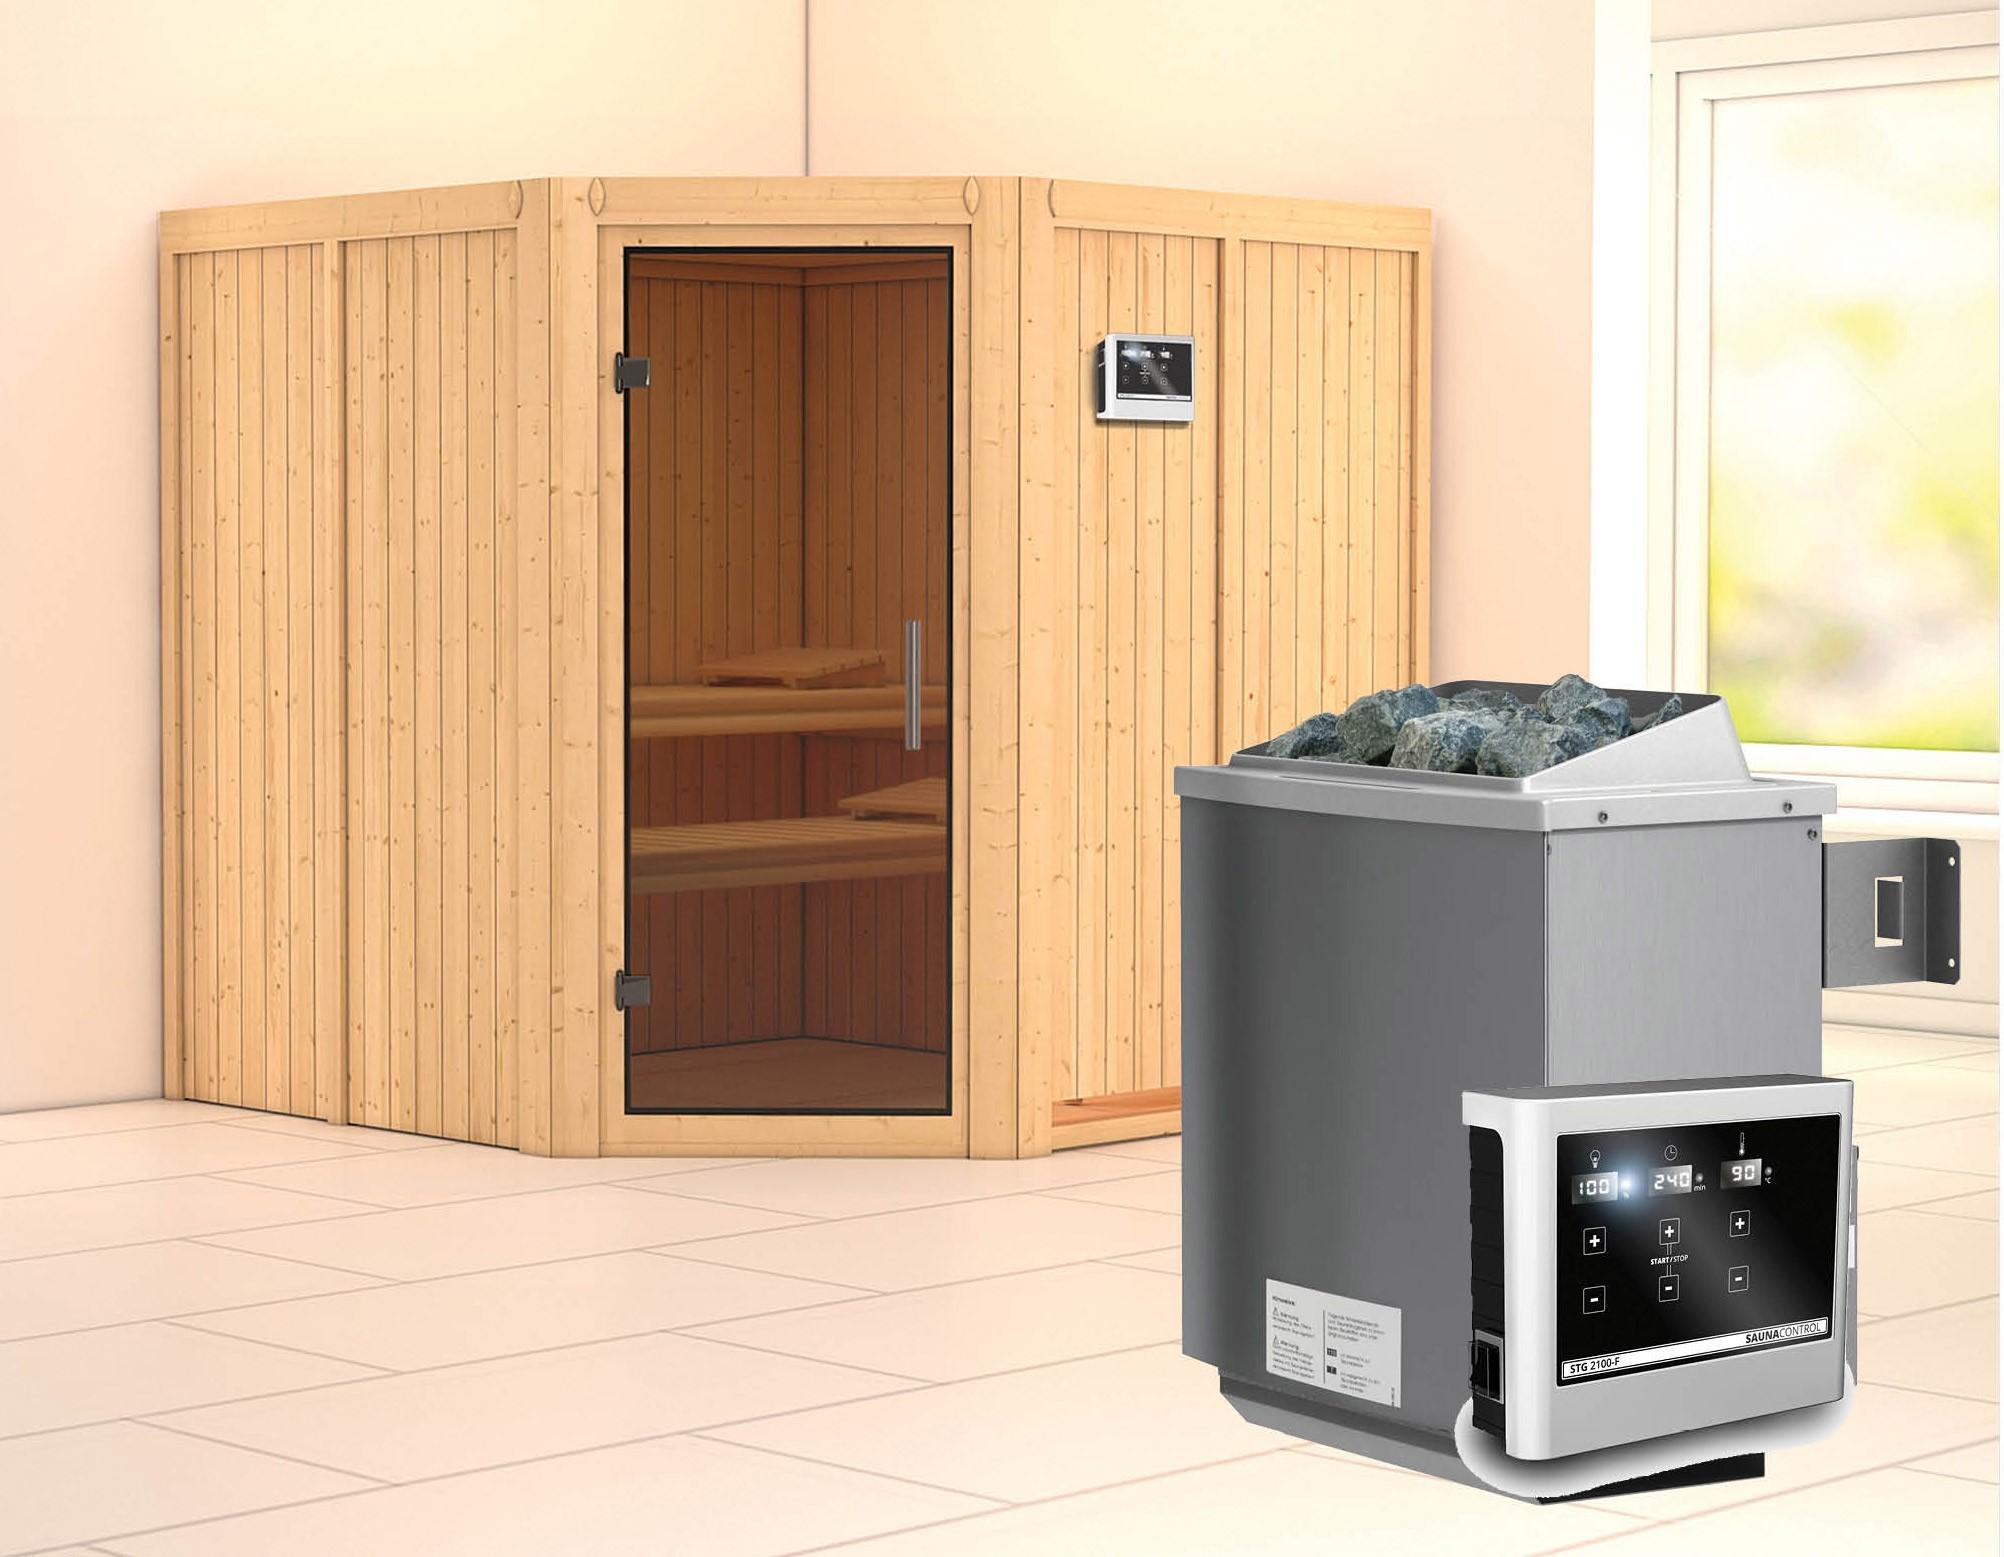 Karibu Sauna Jarin 68mm Ofen 9kW extern moderne Tür Bild 1